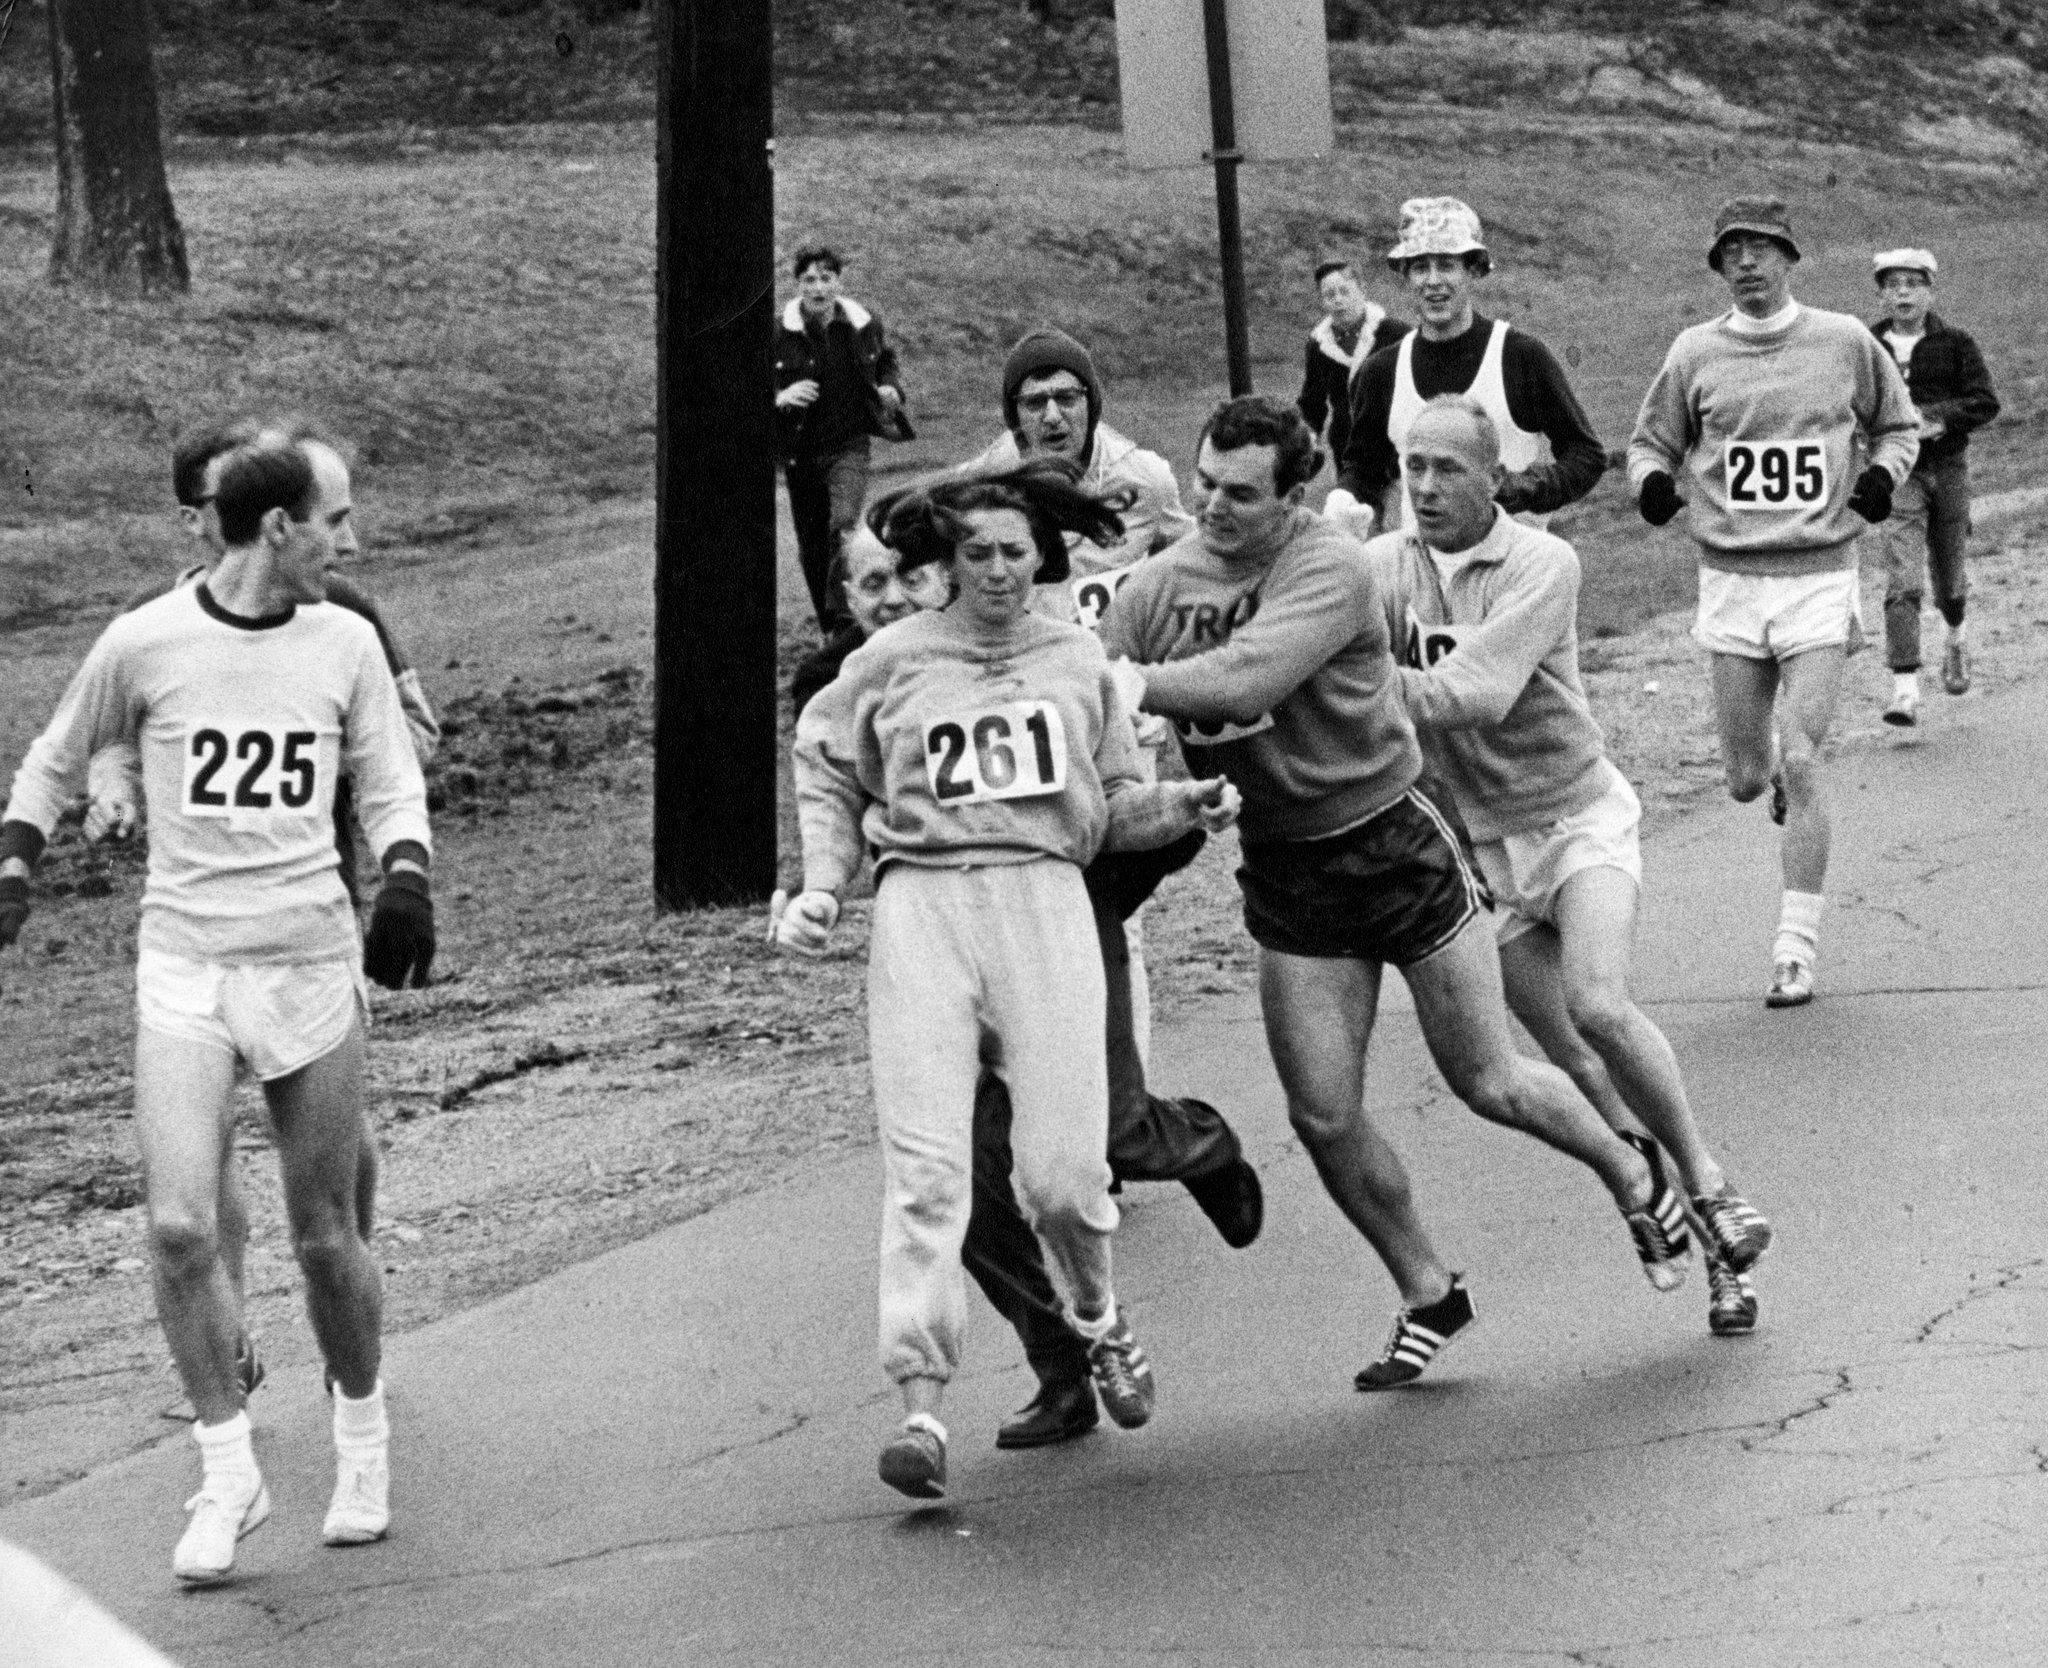 Jock Semple próbuje powstrzymać Kathrine Switzer podczas maratonu w bostonie w 1967 roku. Krótkie historie i ciekawostki o maratonie kobiet.